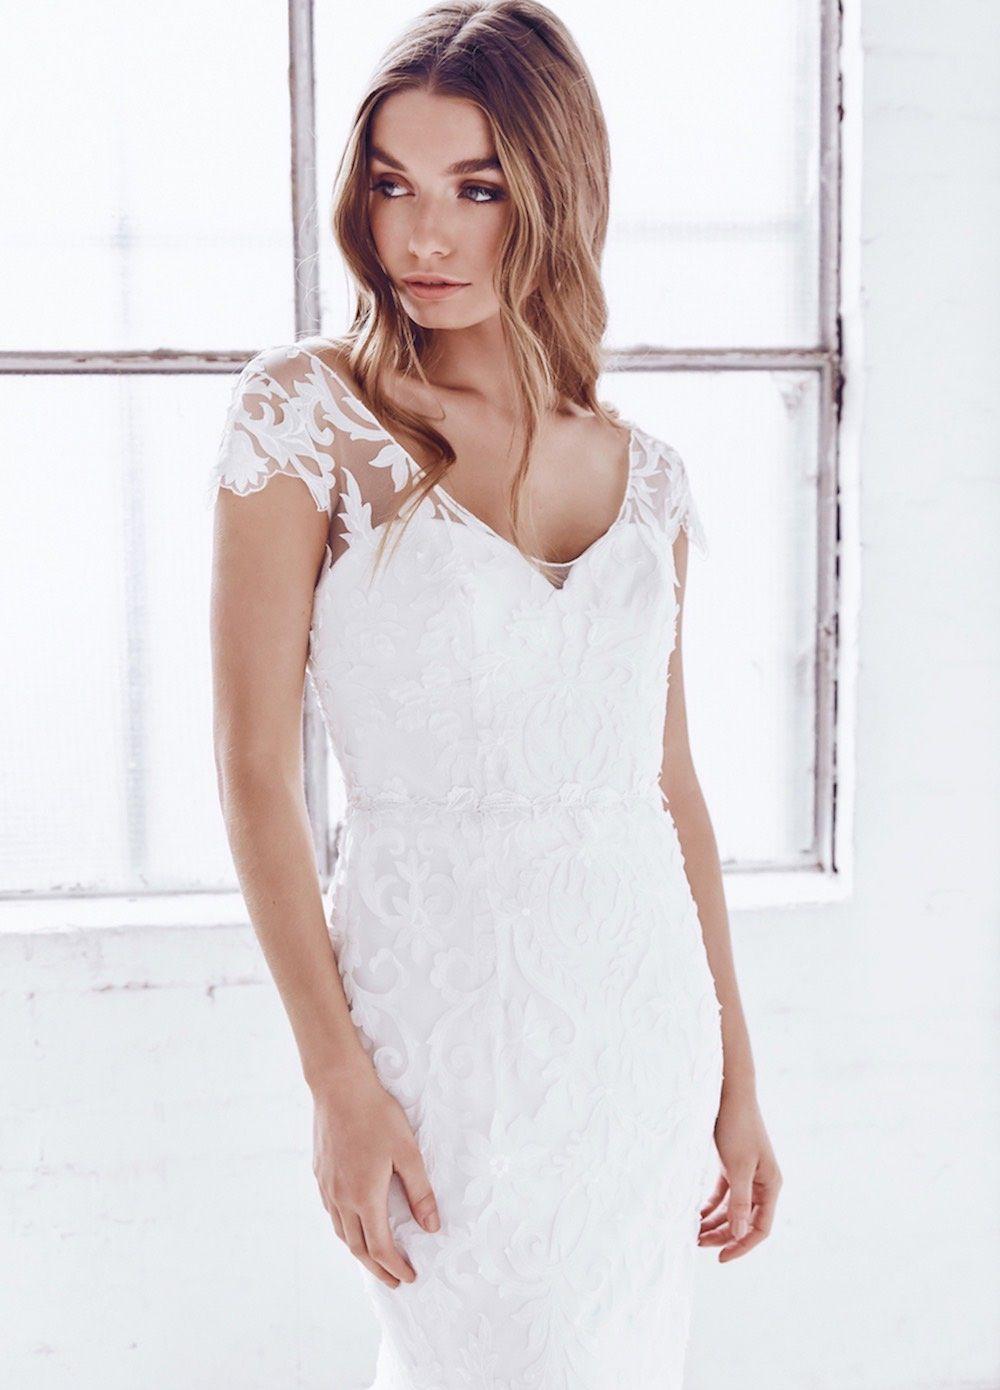 Gemütlich Windsor Brautkleid Fotos - Brautkleider Ideen - cashingy.info